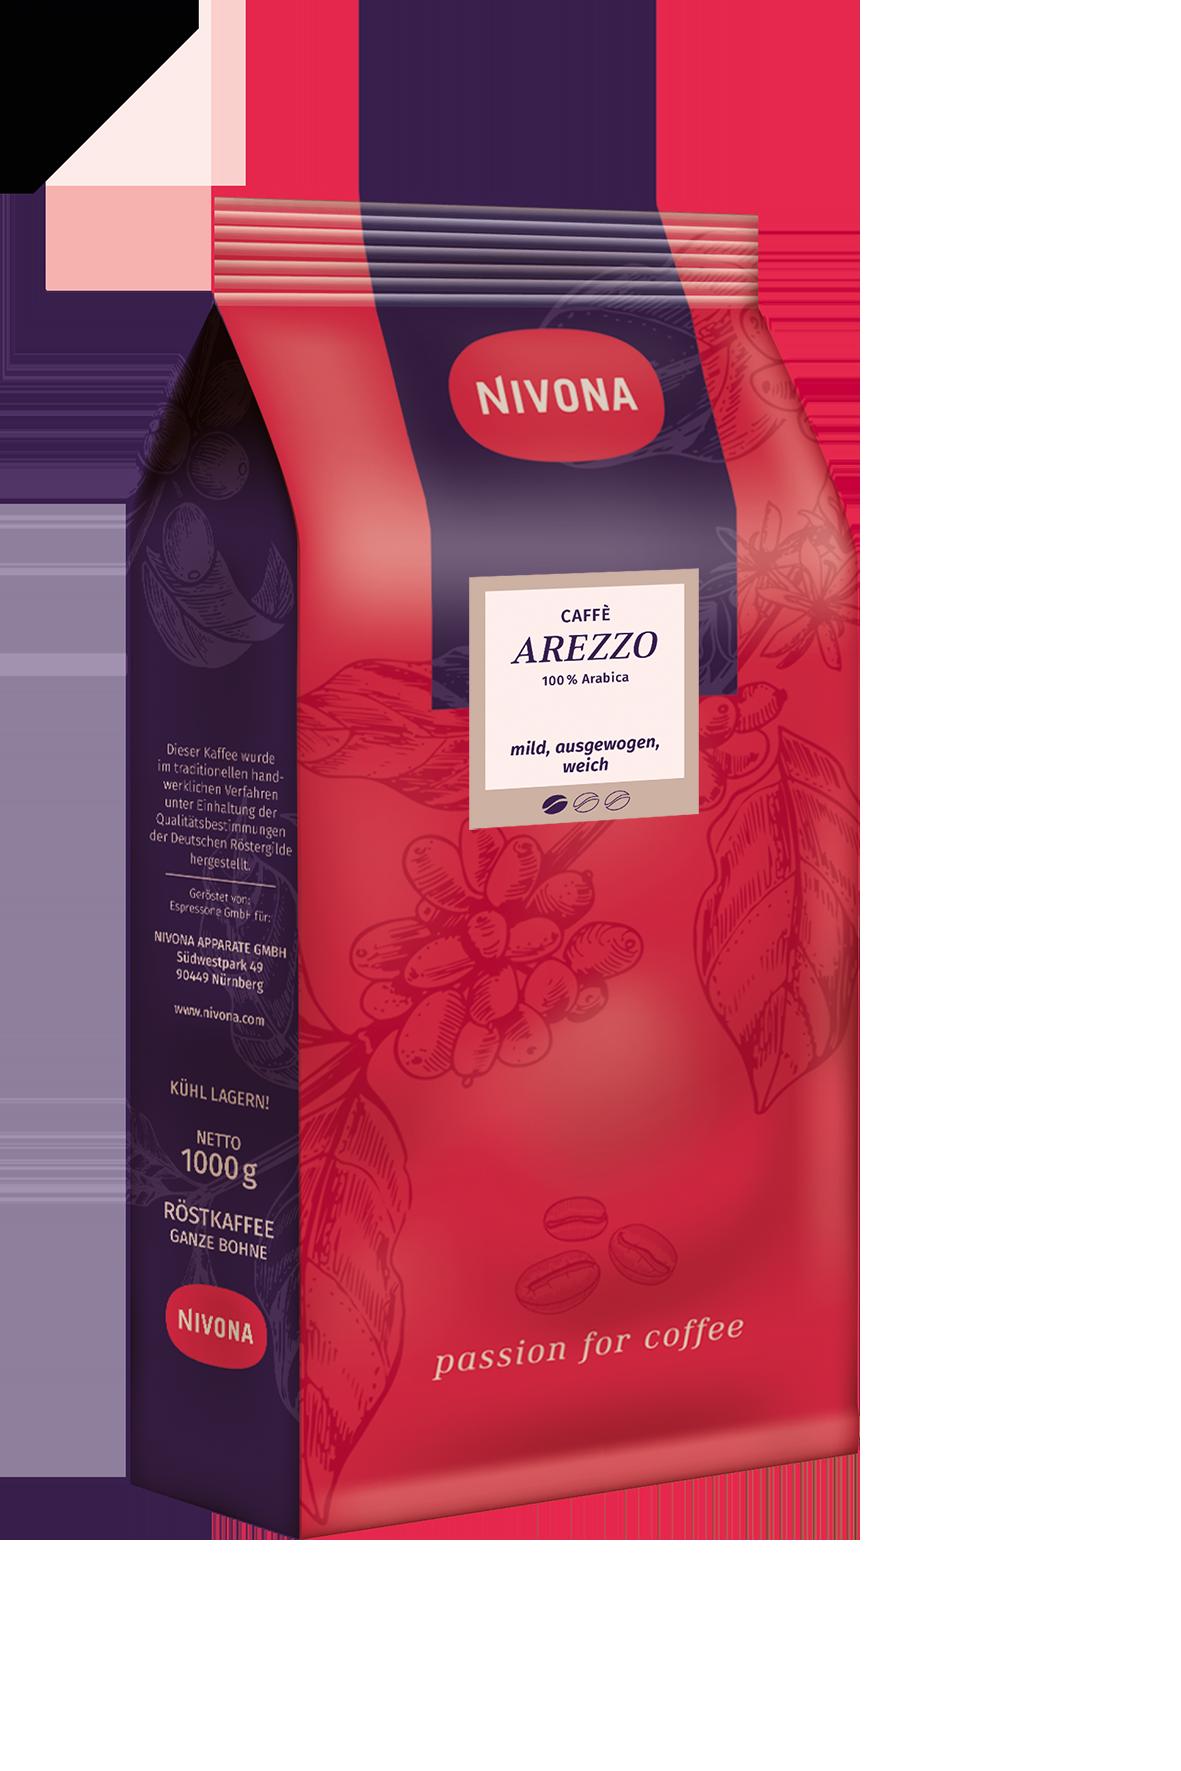 CAFFÈ AREZZO (100% kõrgmäestiku araabika)